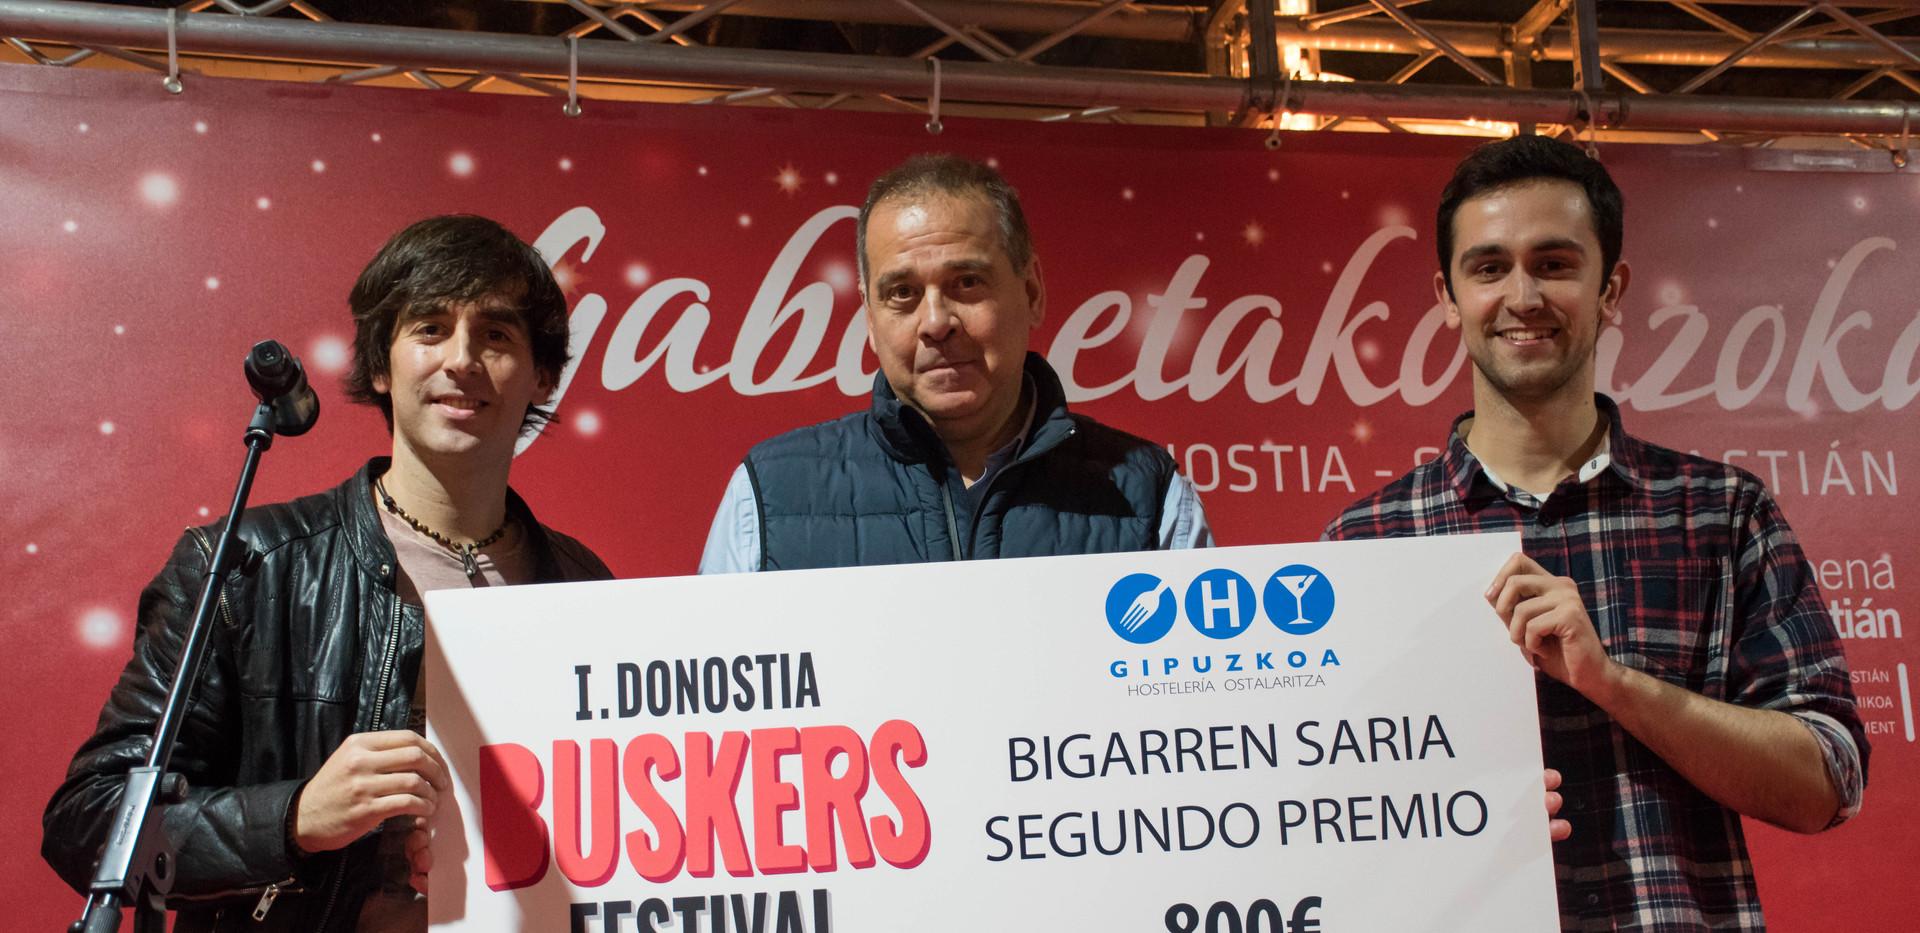 Buskers-final-6.jpg